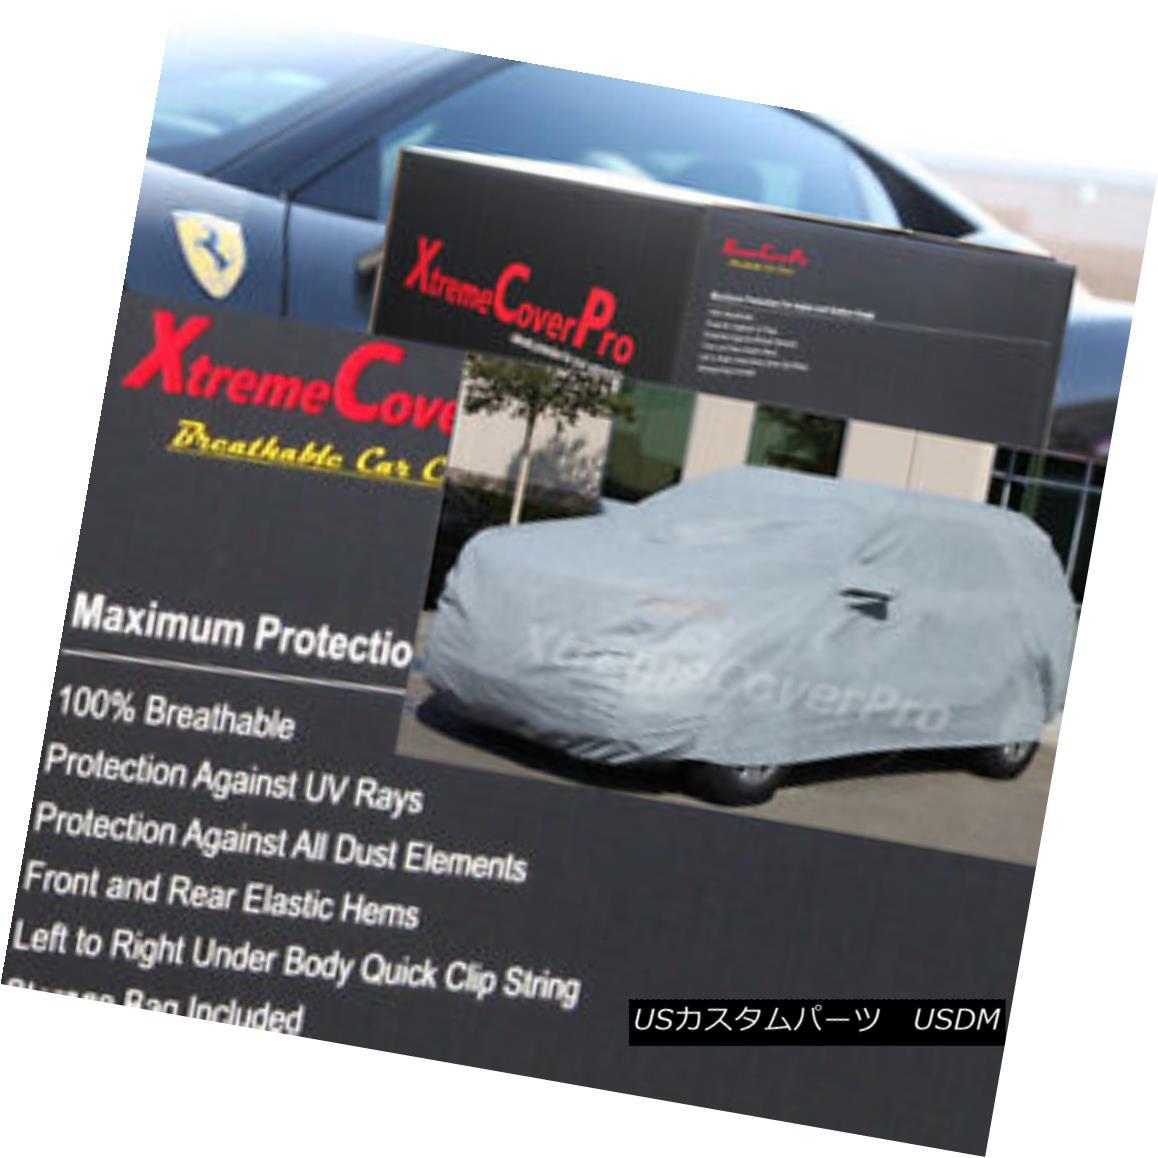 カーカバー 2001 2002 2003 Mitsubishi Montero Breathable Car Cover w/MirrorPocket 2001 2002 2003三菱モンテーロ通気性車カバー付きMirrorPocket